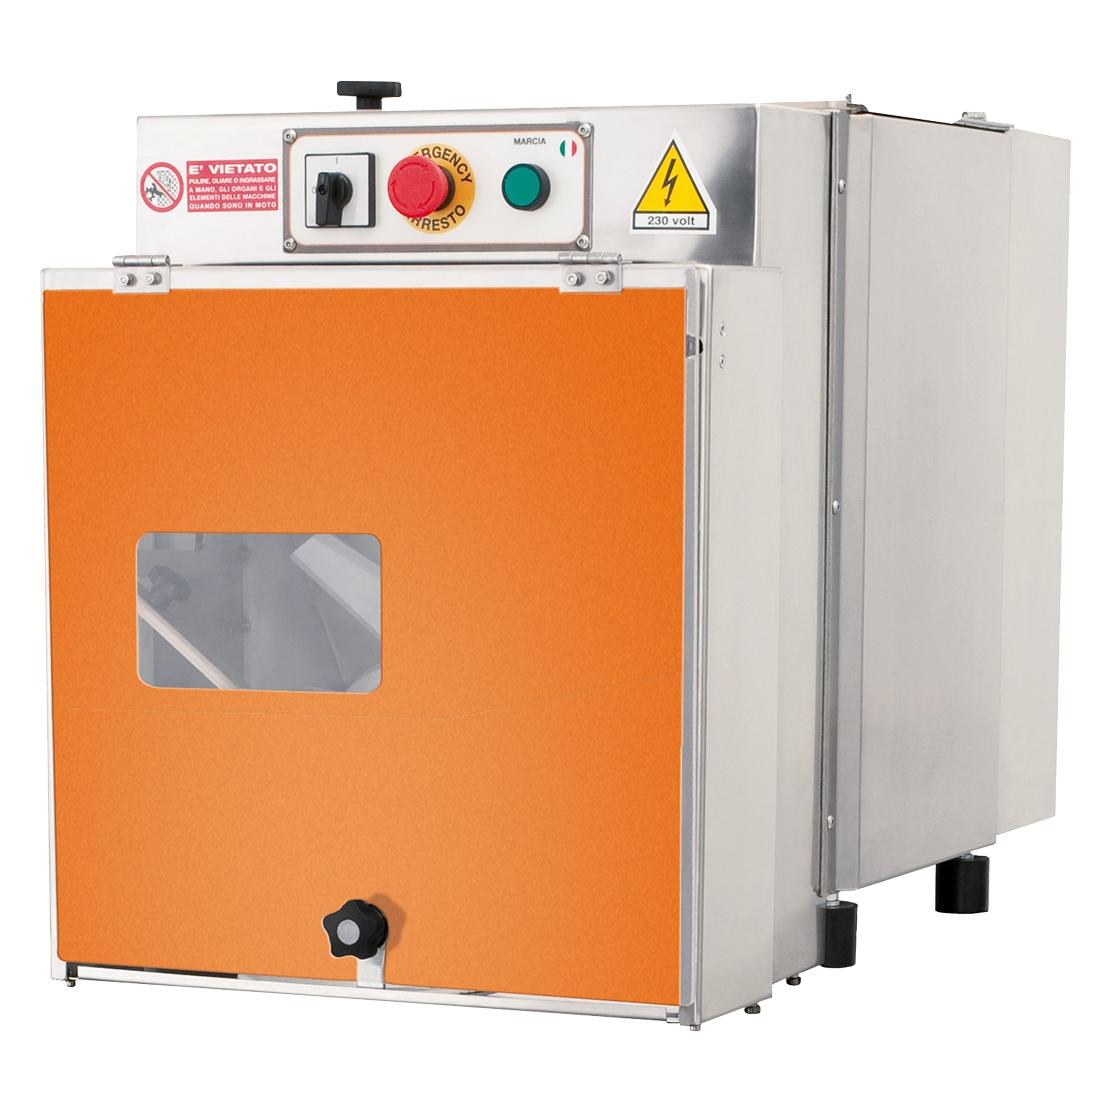 Automatic dough divider - PF-PO300